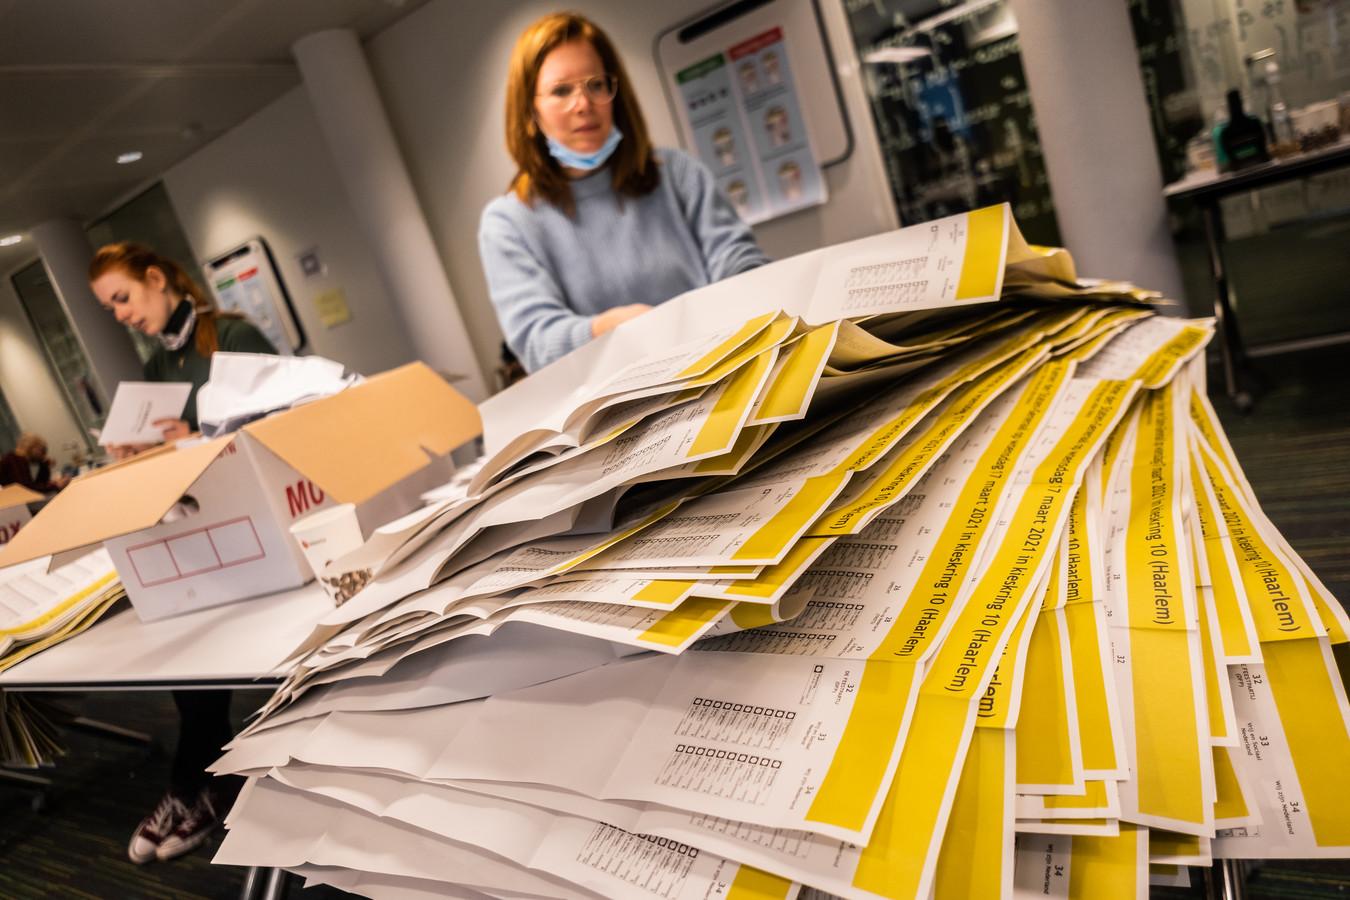 Er komen proeven met stembiljetten die niet handmatig - zoals op de foto - maar elektronisch geteld kunnen worden.